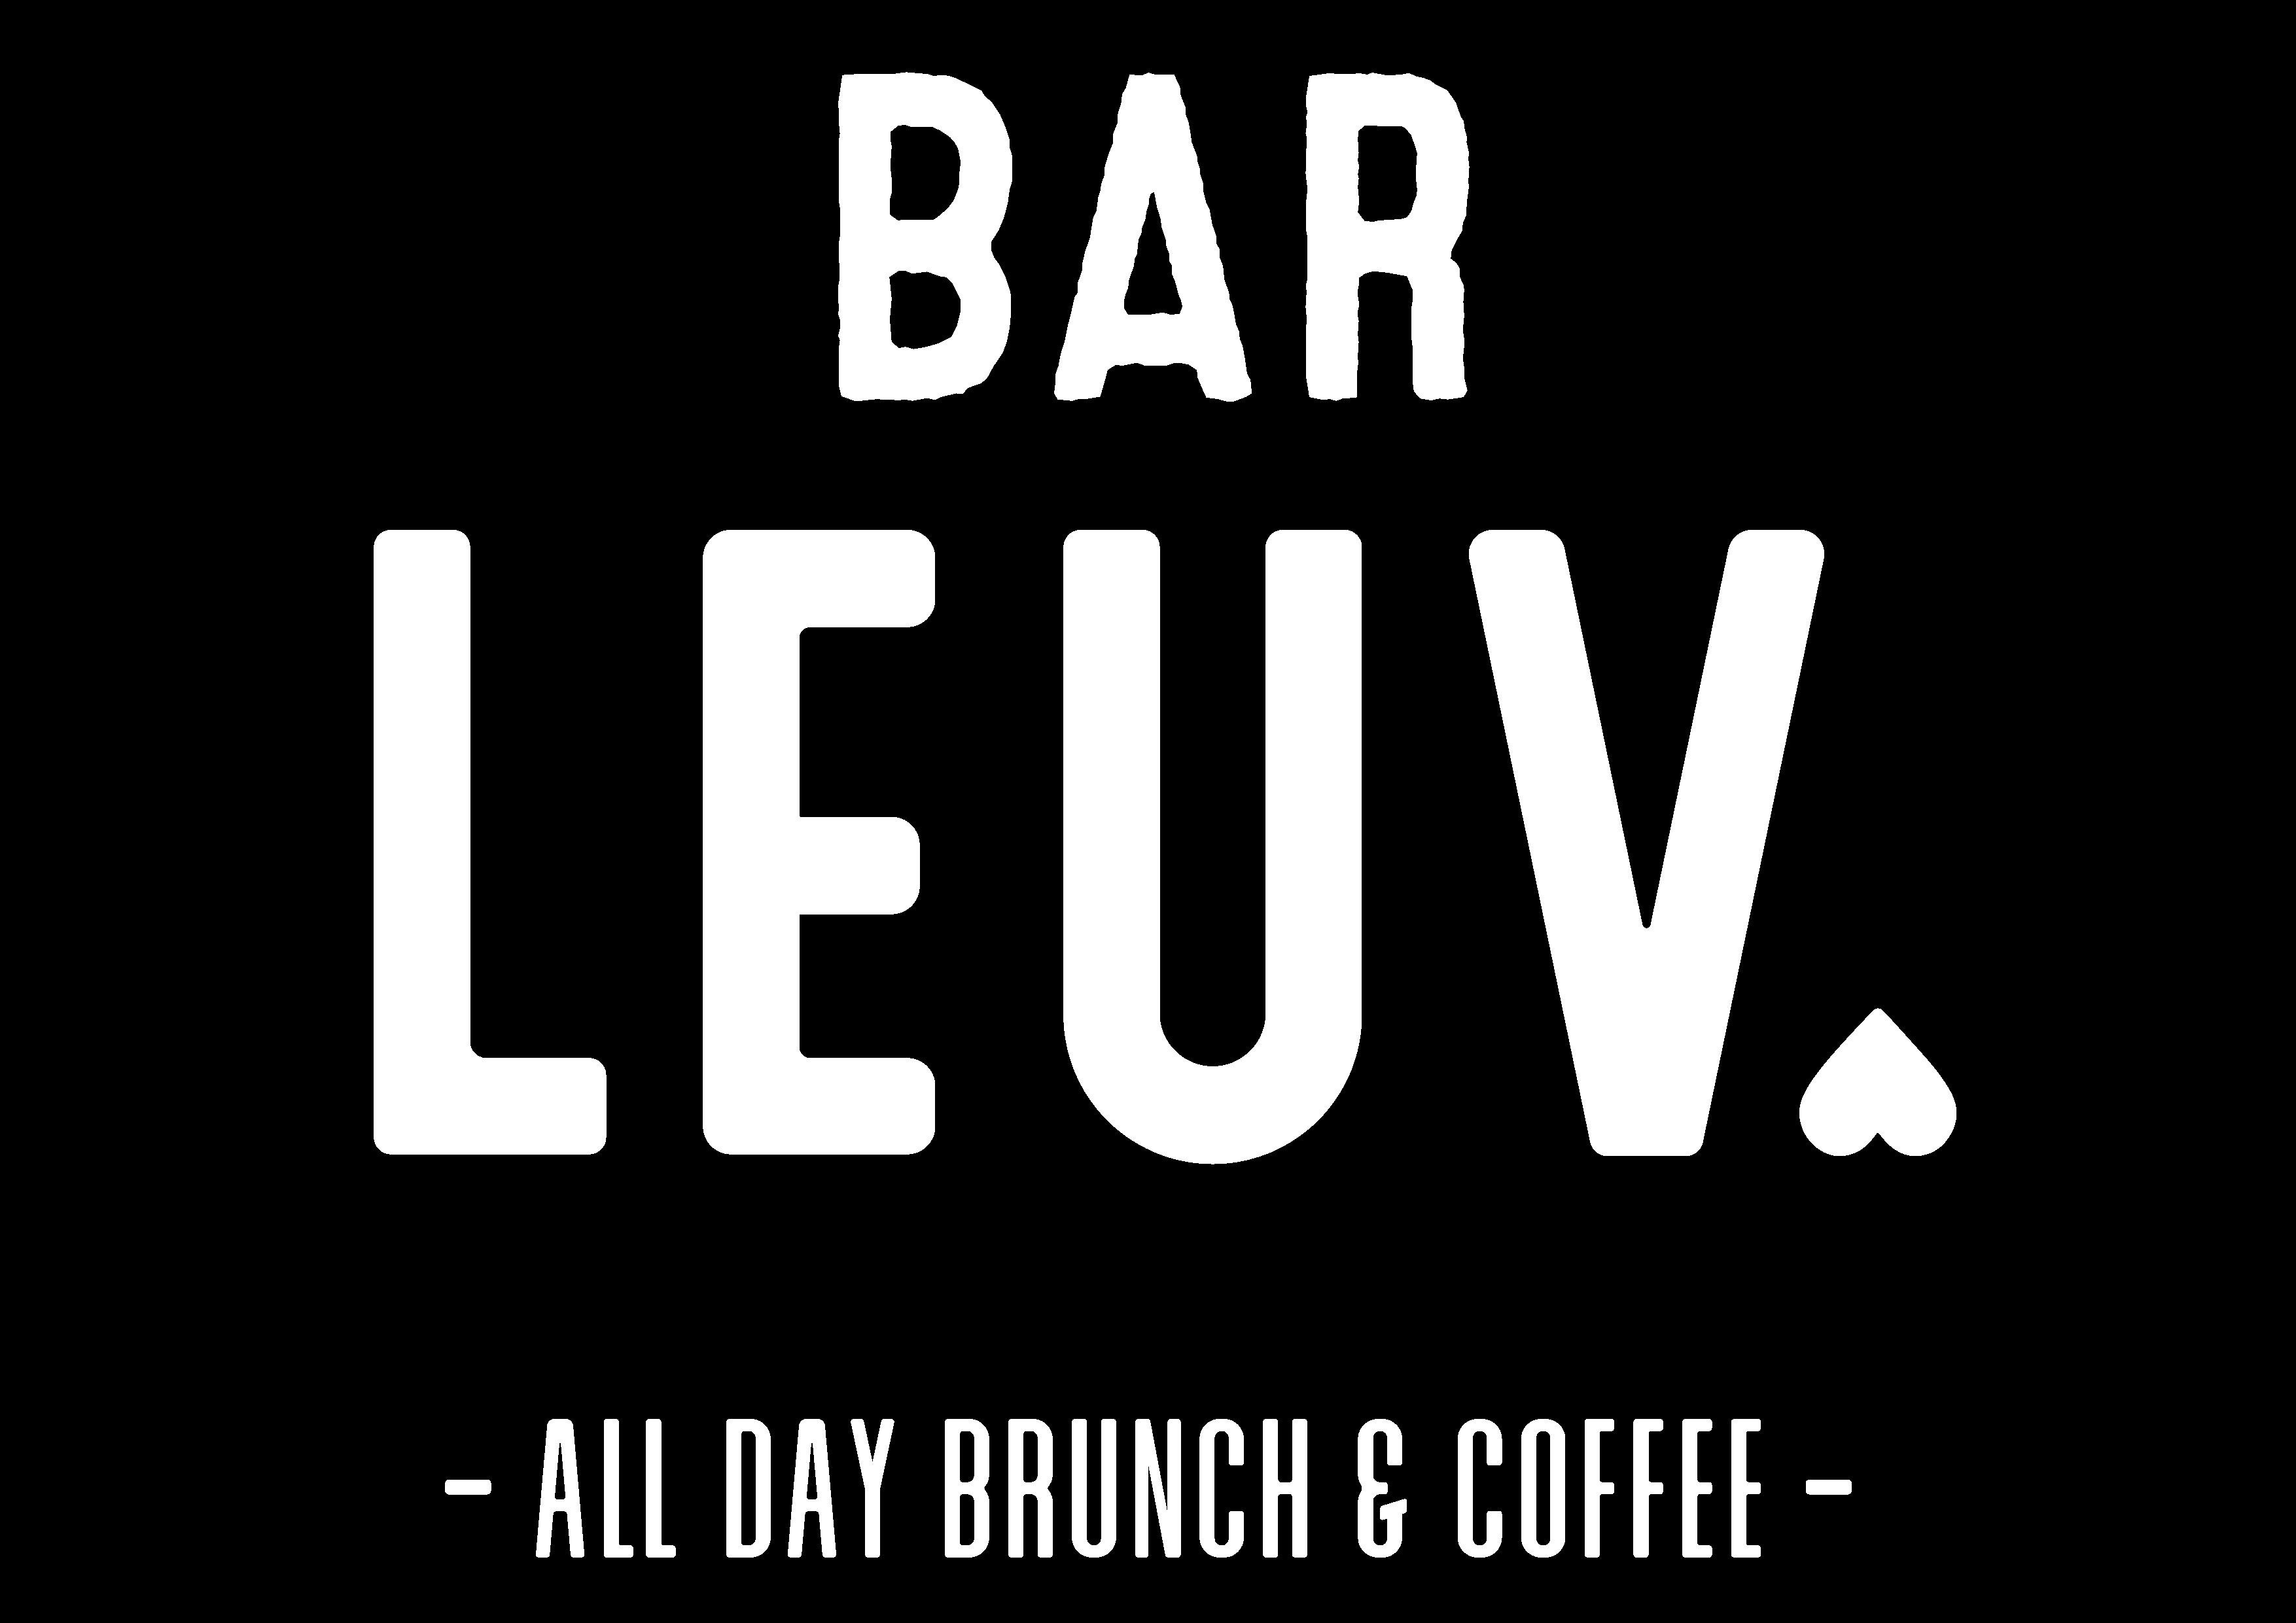 Bar Leuv all day brunch & coffee